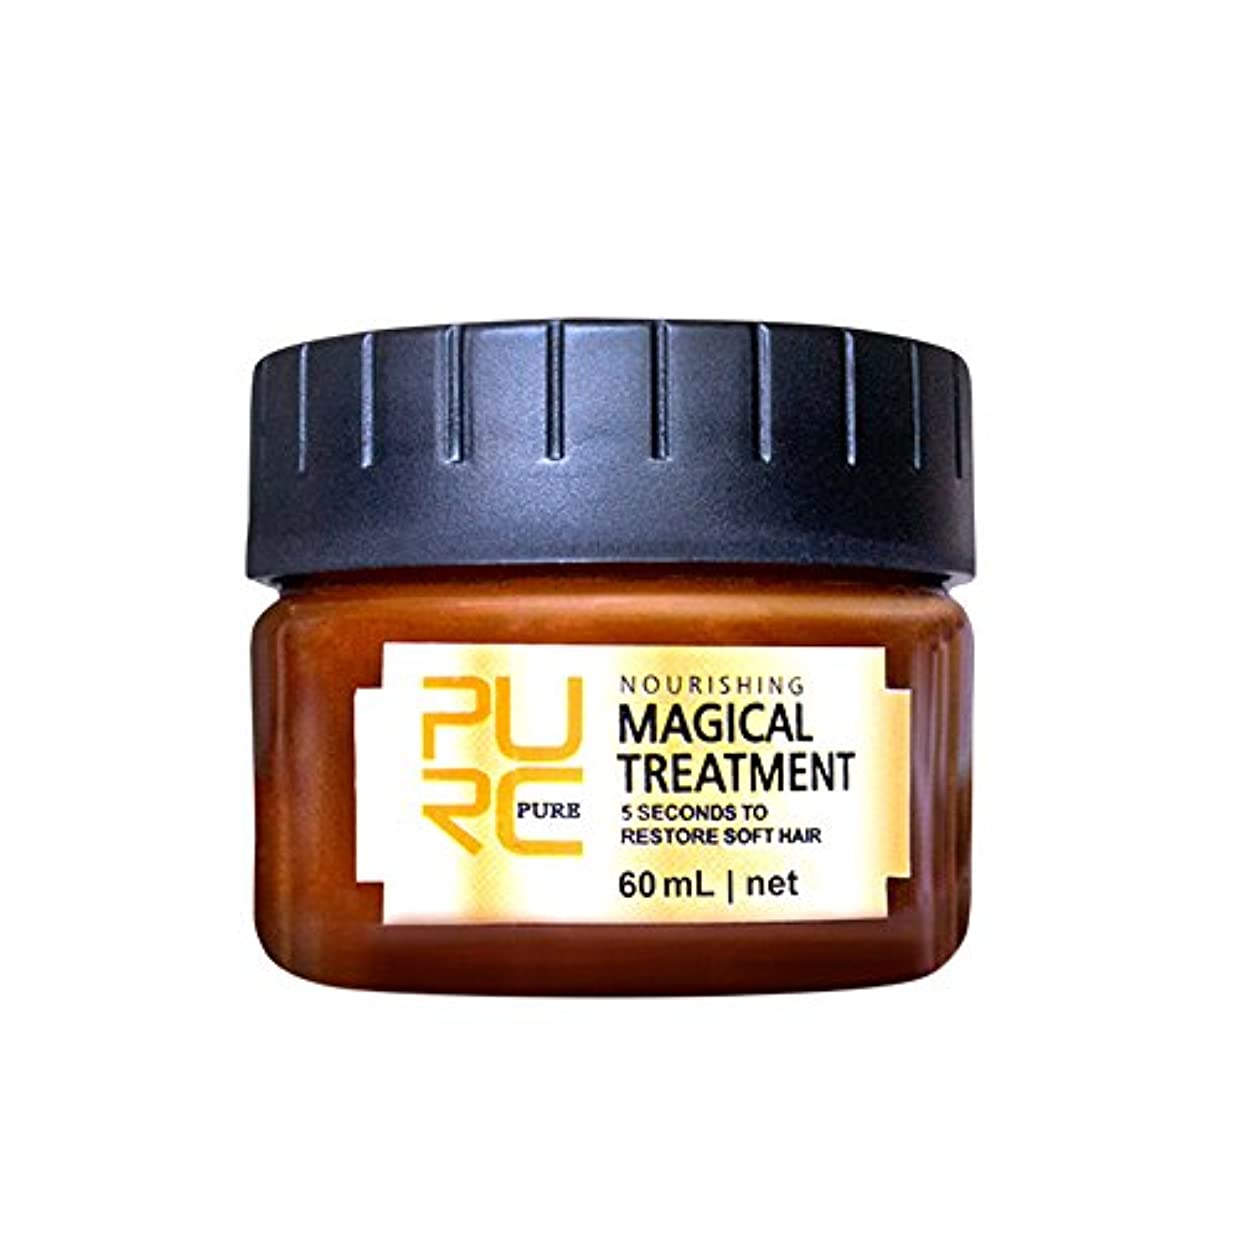 戻すかけがえのない中断ヘアトリートメント ディープリペア軟膏マスク 髪の栄養素を補う 角質層の保護を強化する 乾燥した髪に適しています 髪を柔らかくつやつやに保ちます 60ml / 120ml (B 60 ml)